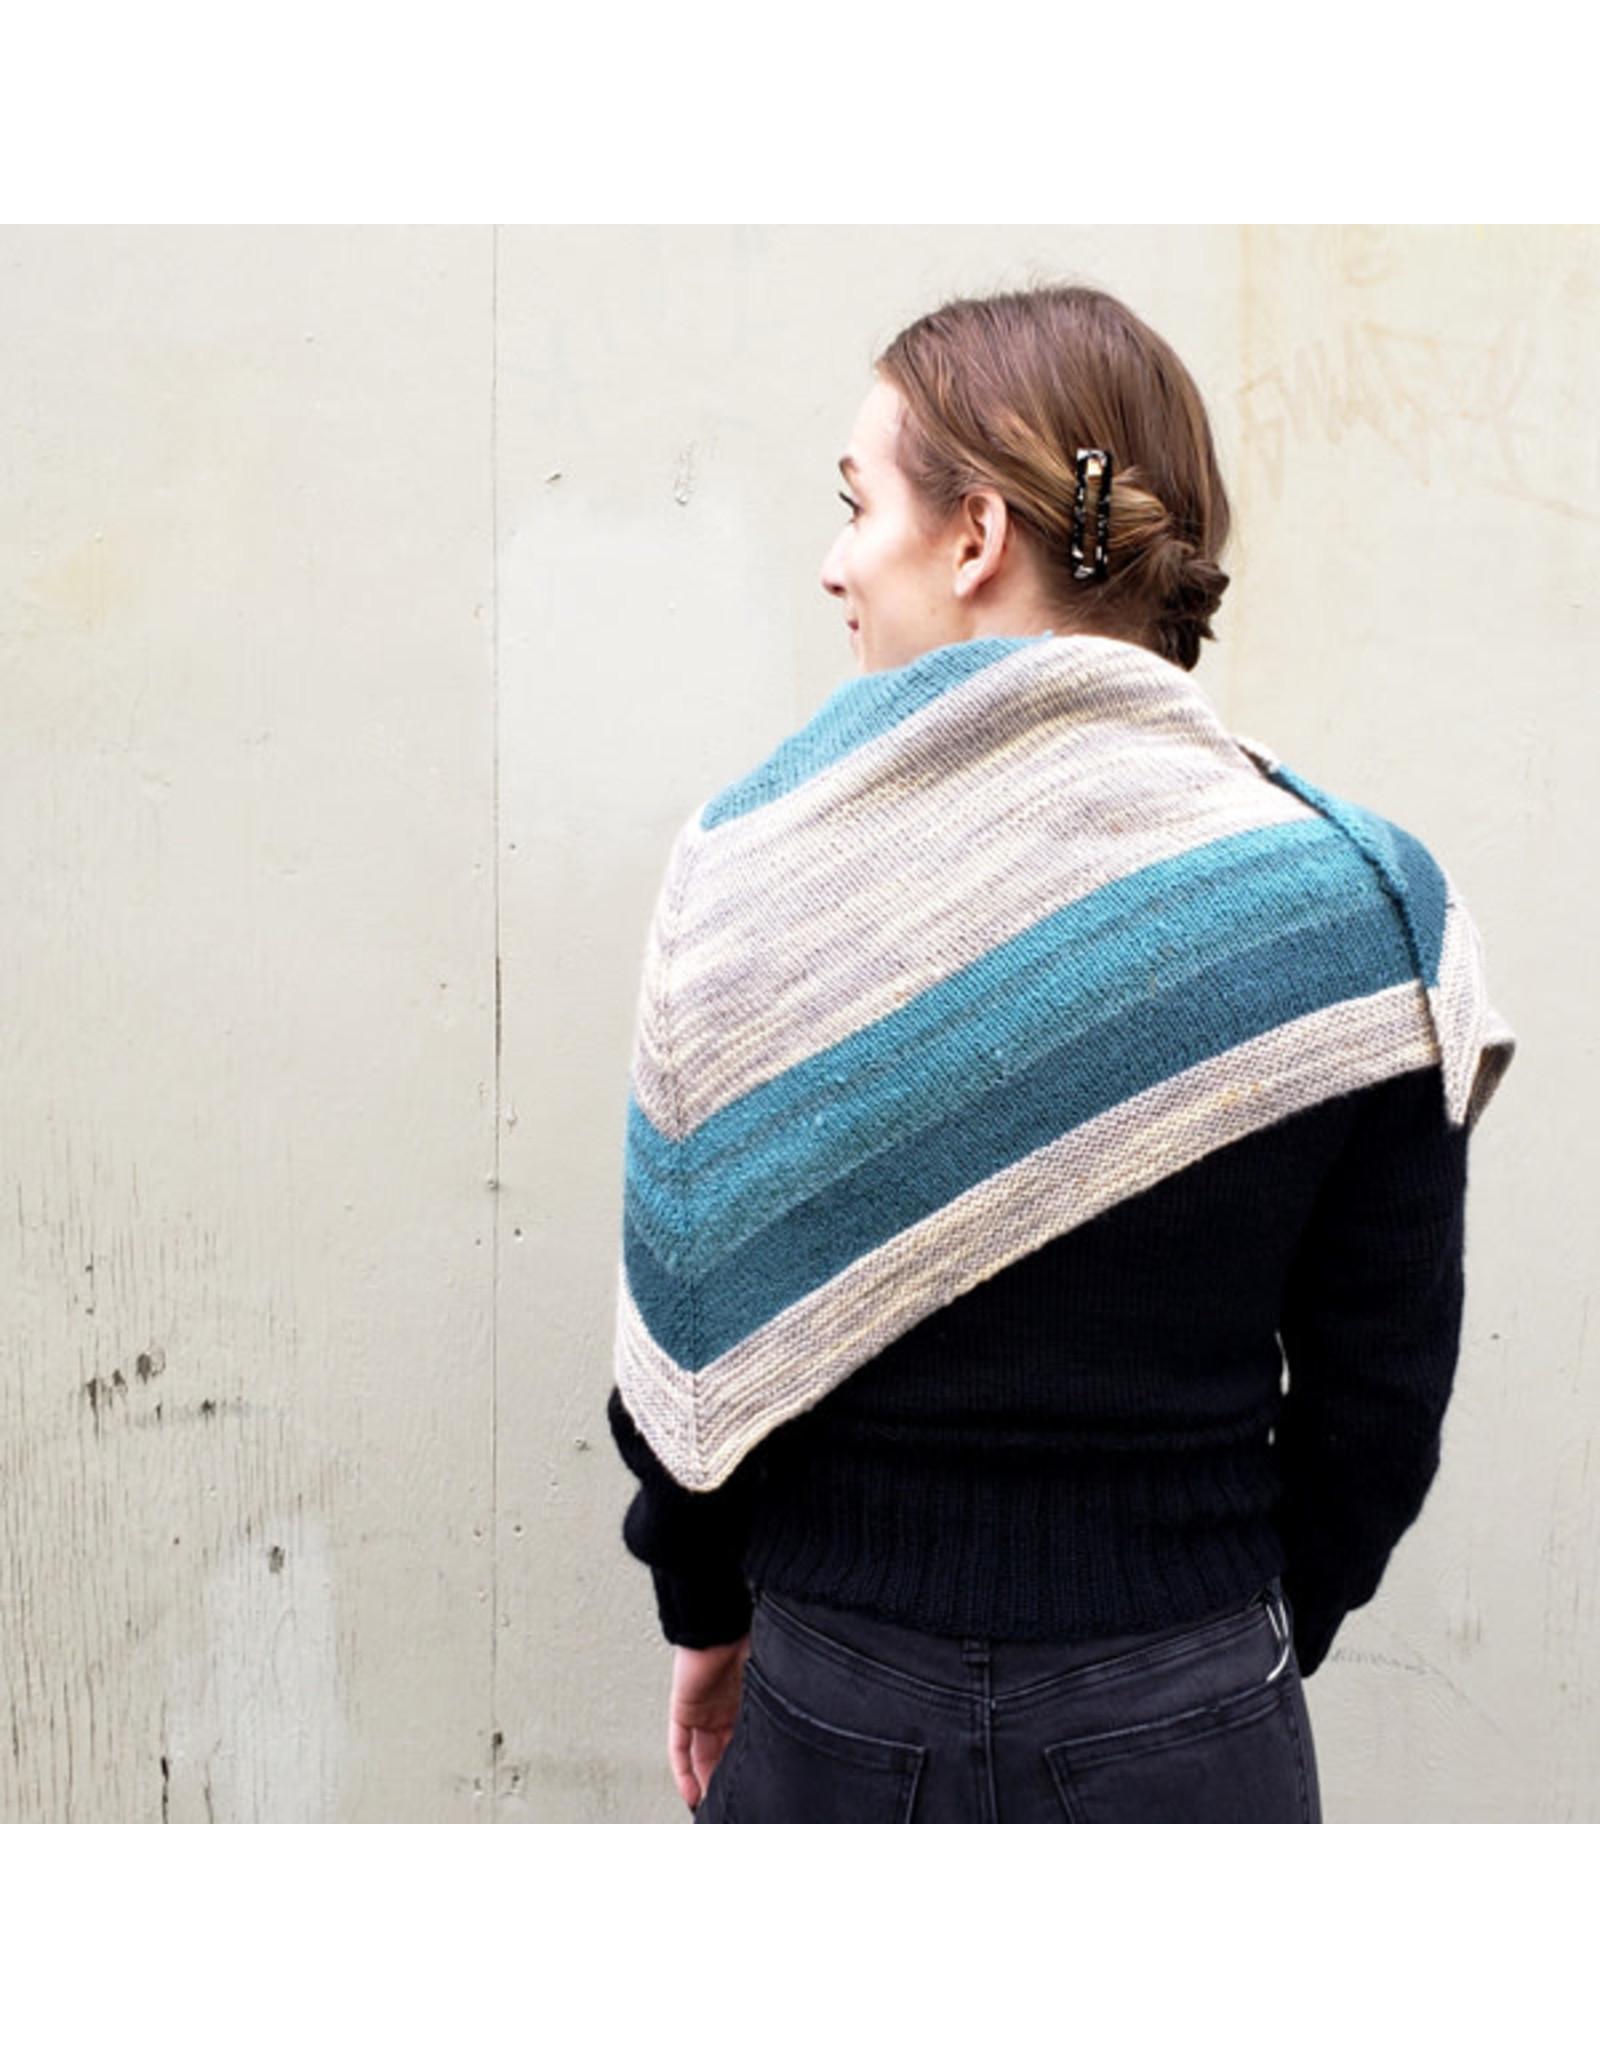 Devil May Wear Nicholas Scarf. Hand Knit. Wool/Alpaca. Aqua/White/Grey